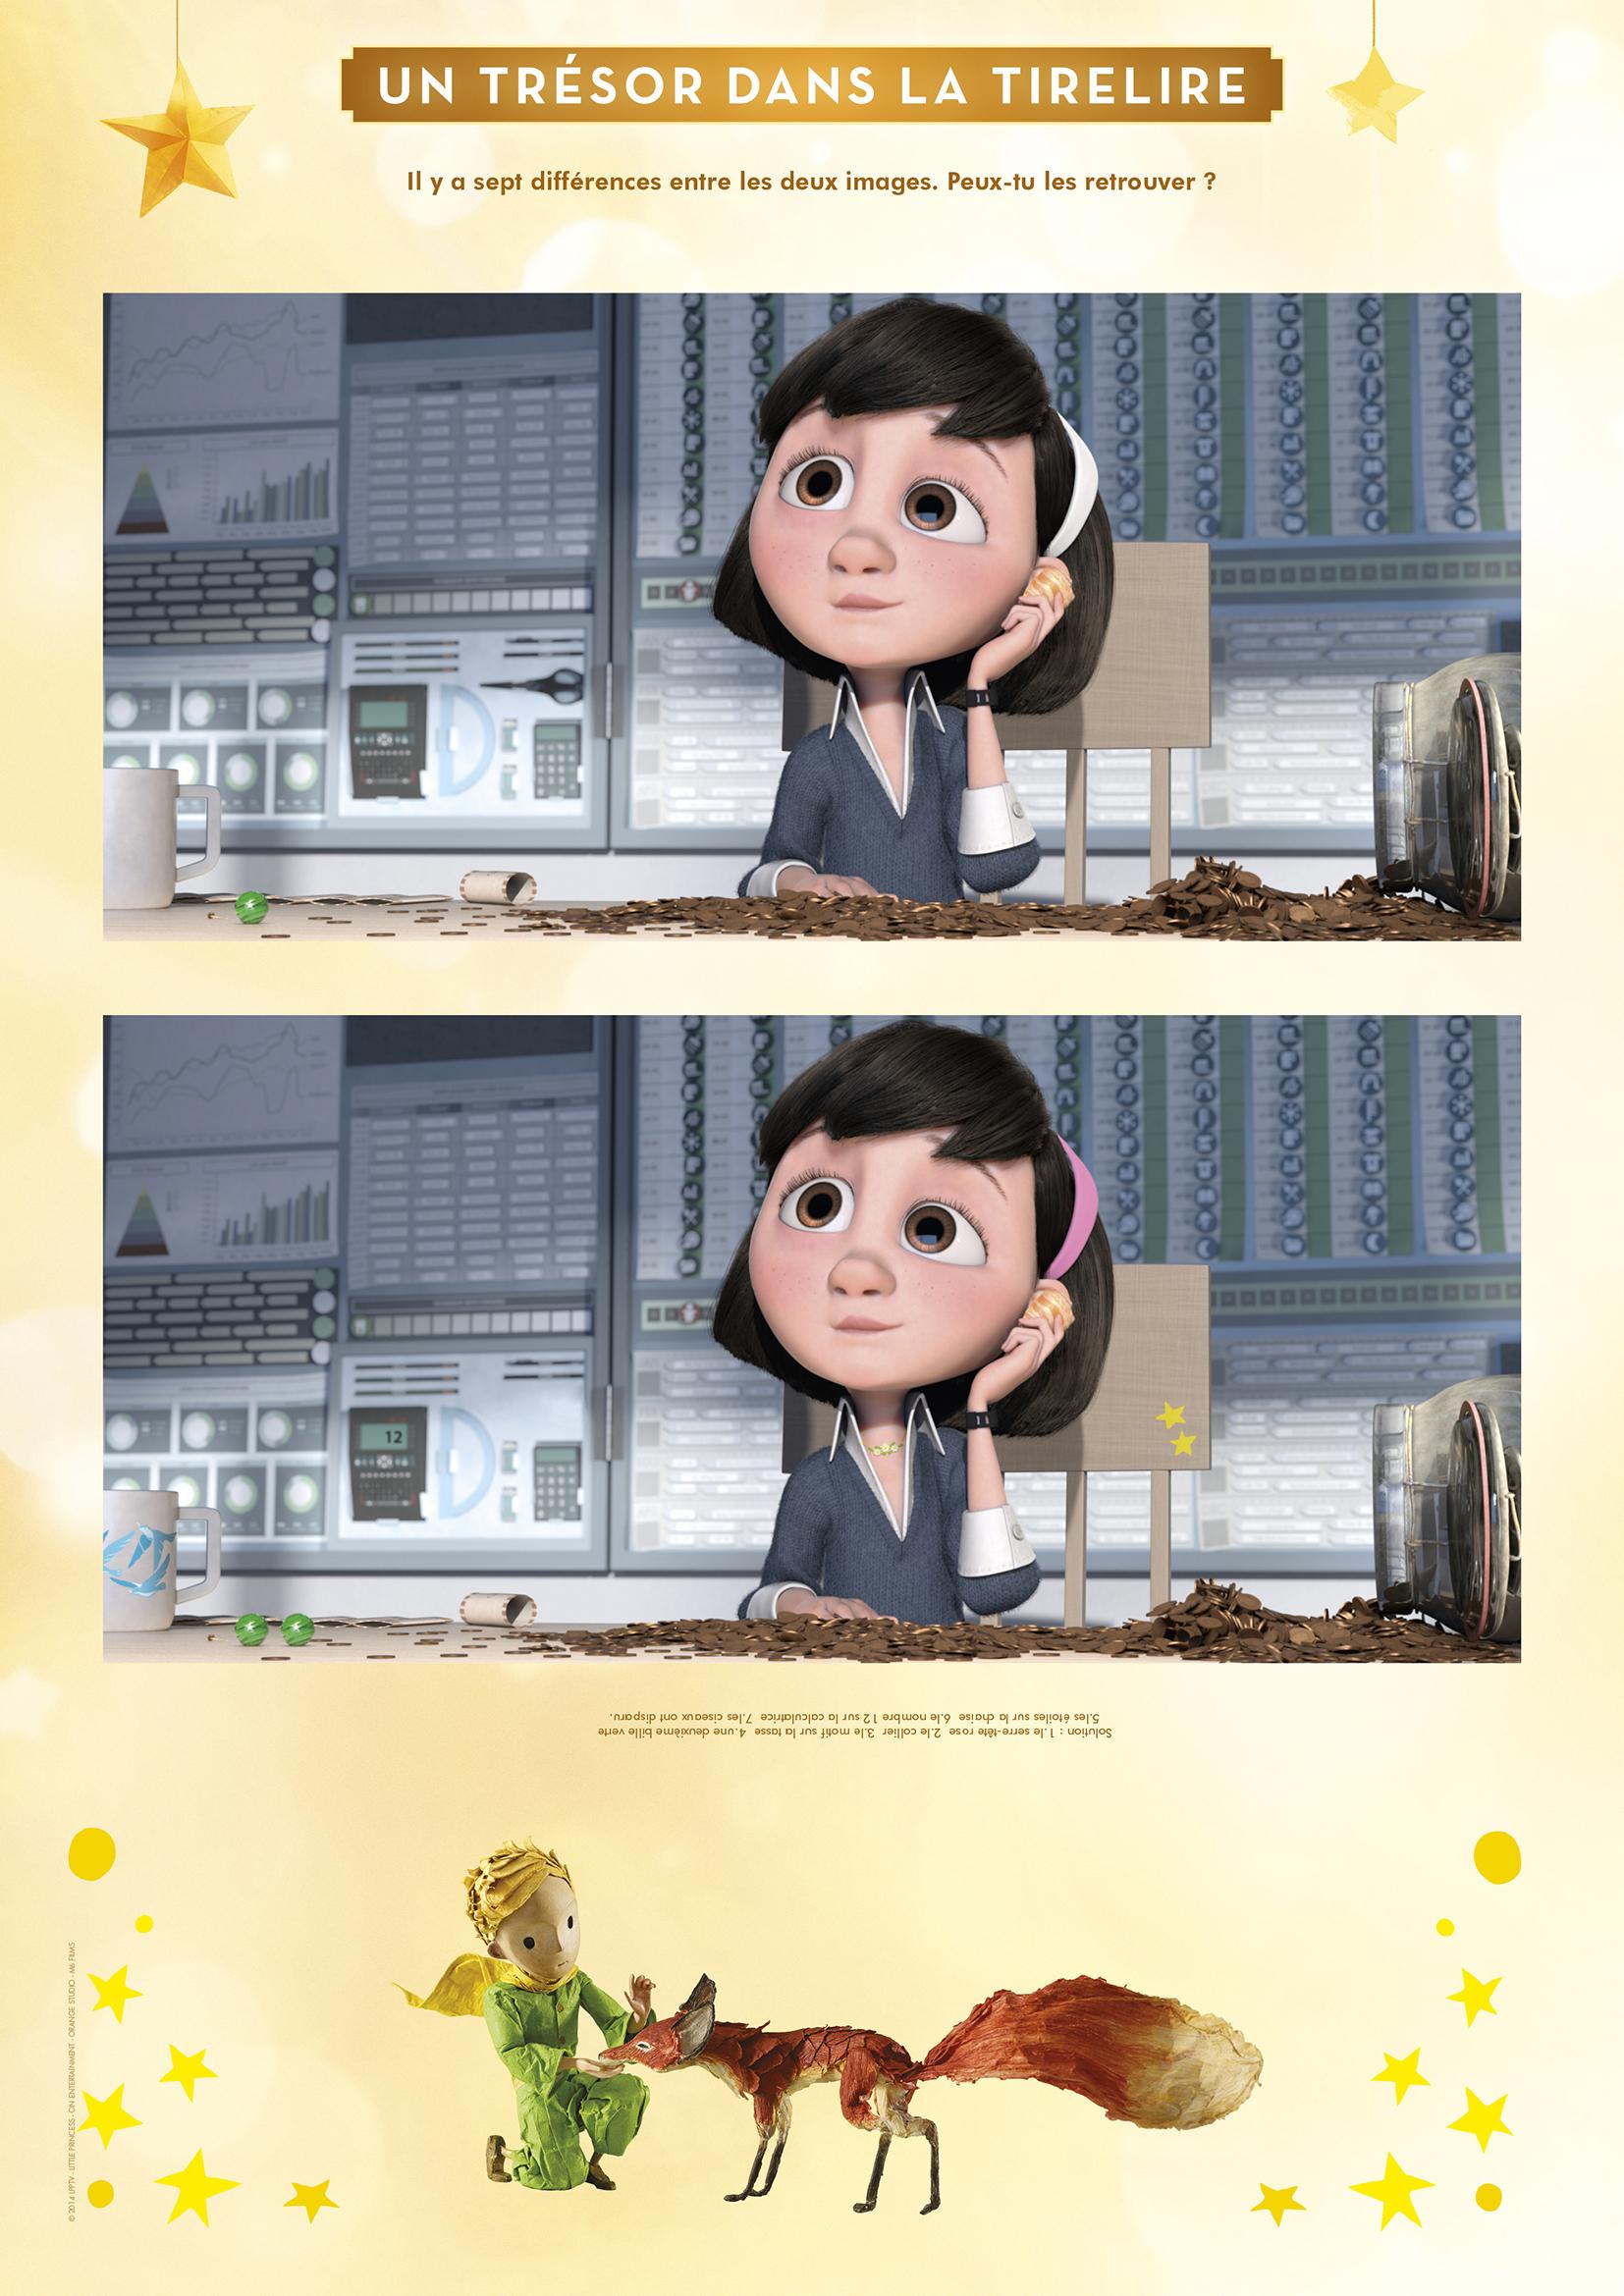 Petit Prince : Le Jeu Des 7 Différences - Momes concernant Jeu Des 7 Différences À Imprimer